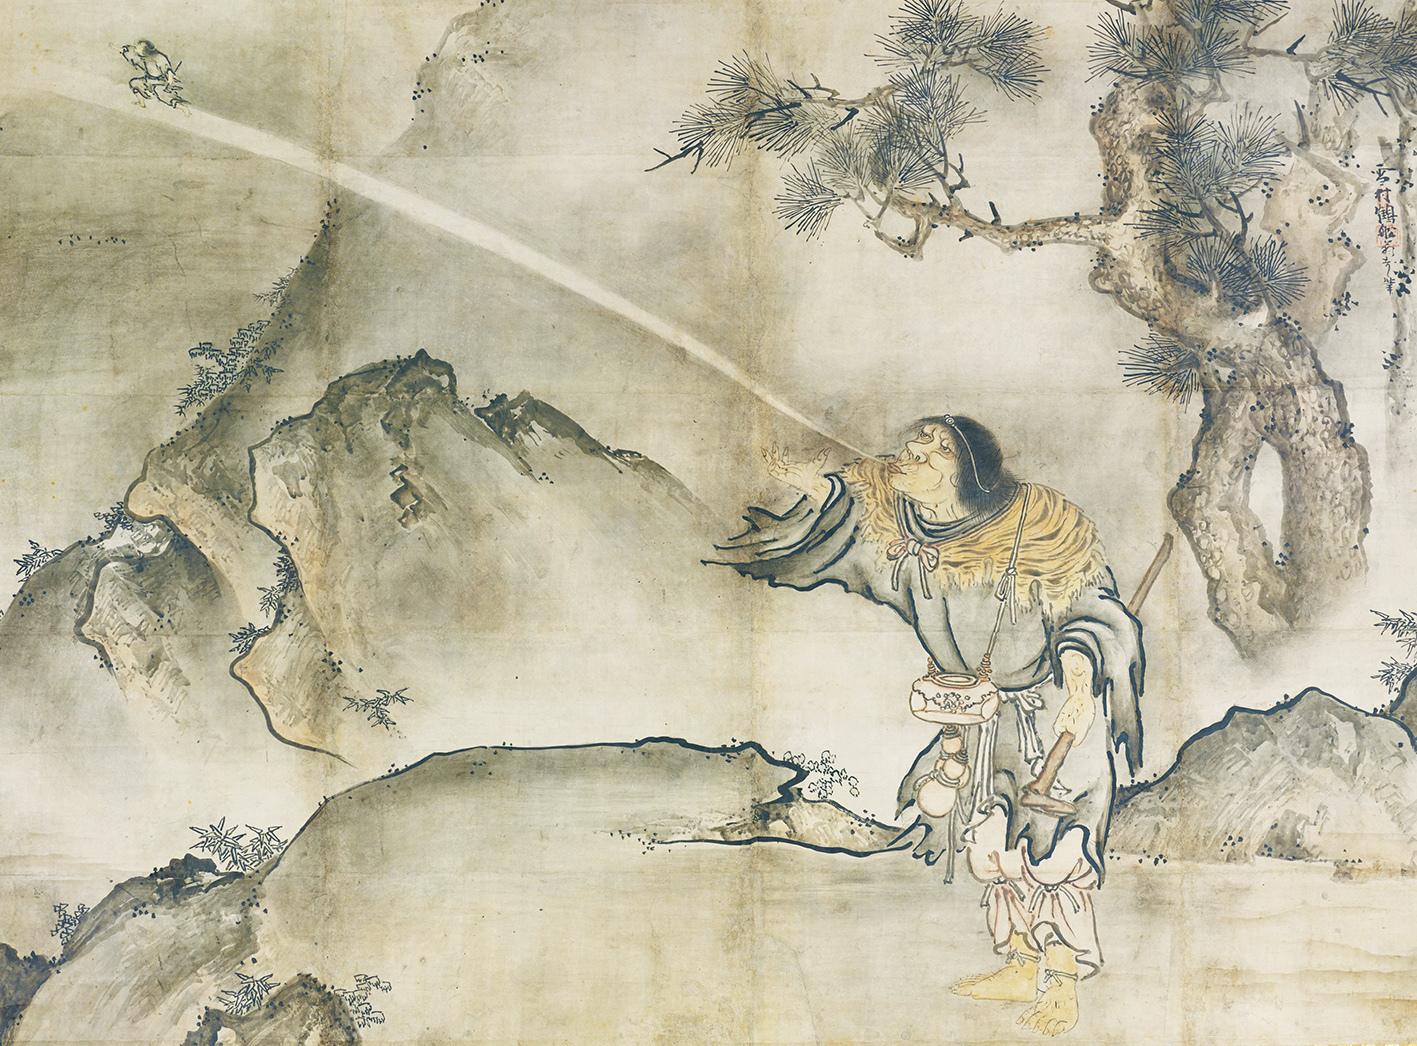 雪村筆 《蝦蟇鉄拐図》(右) 2幅 各151.5×205.9cm 東京国立博物館蔵Image:TNM   Image Archives 【展示期間:3月28日~4月23日】